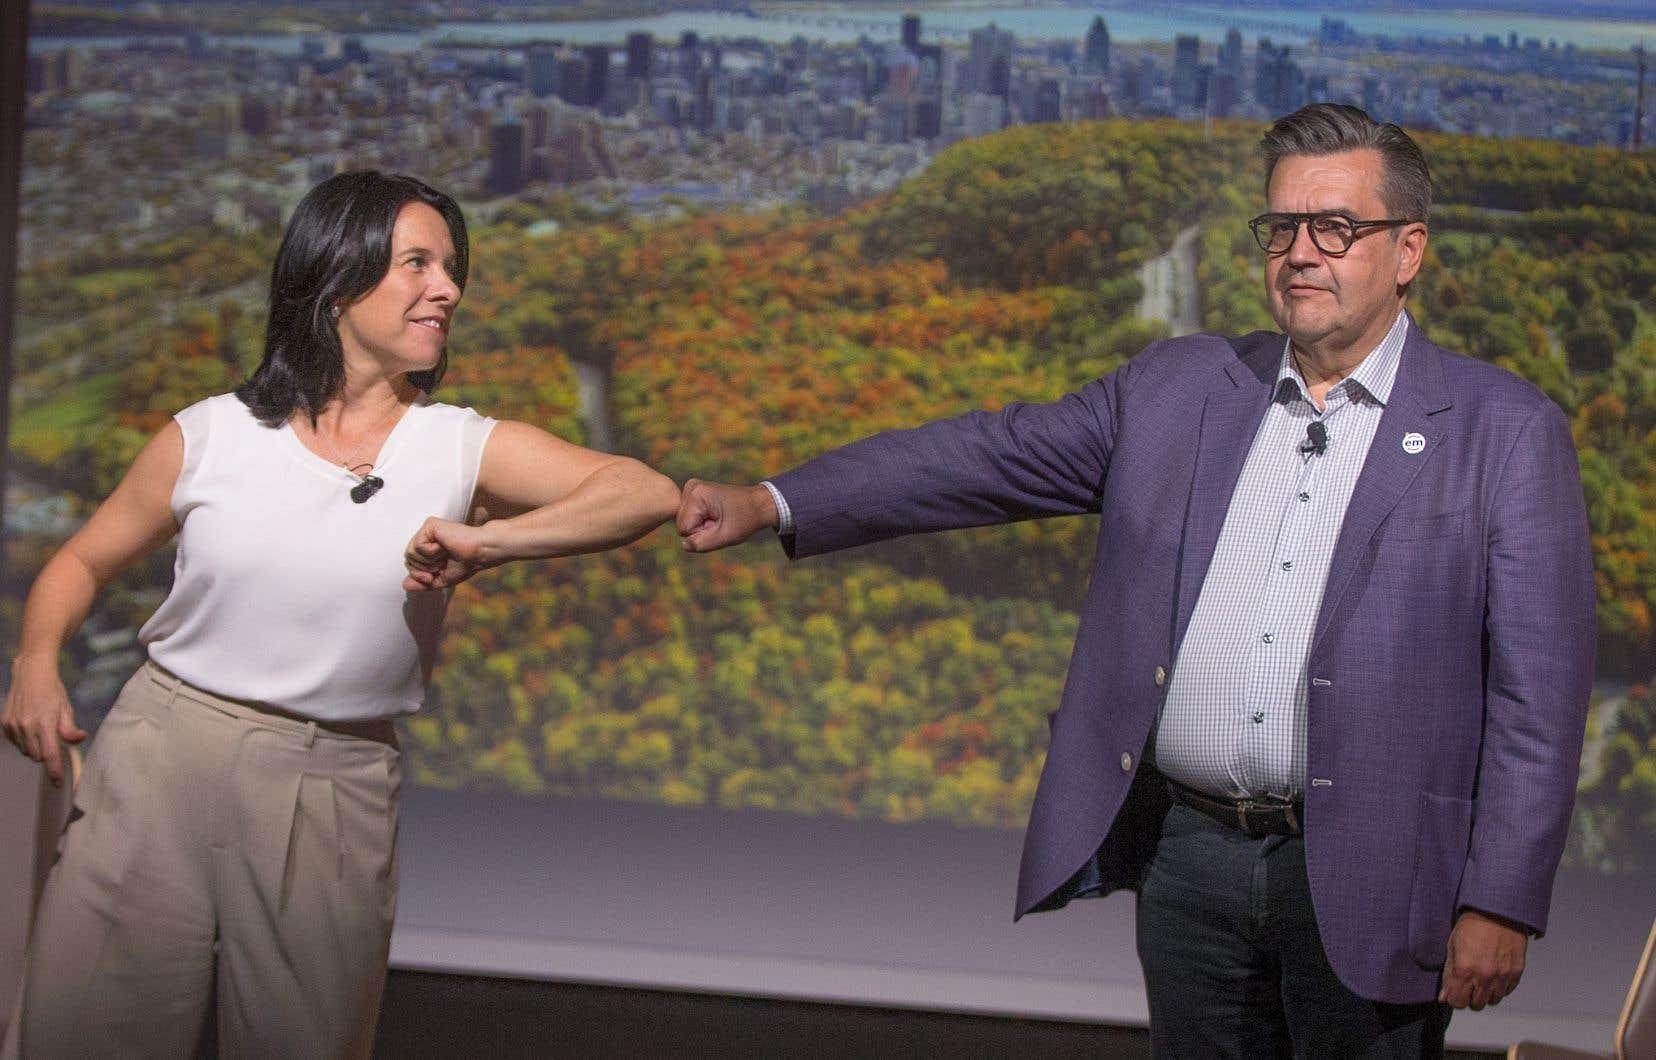 Au cours du débat, Valérie Plante a accusé son adversaire de mener une campagne négative au sujet de Montréal et Denis Coderre a, pour sa part, mis en doute la capacité de l'administration de Projet Montréal de gérer les finances de la Ville.